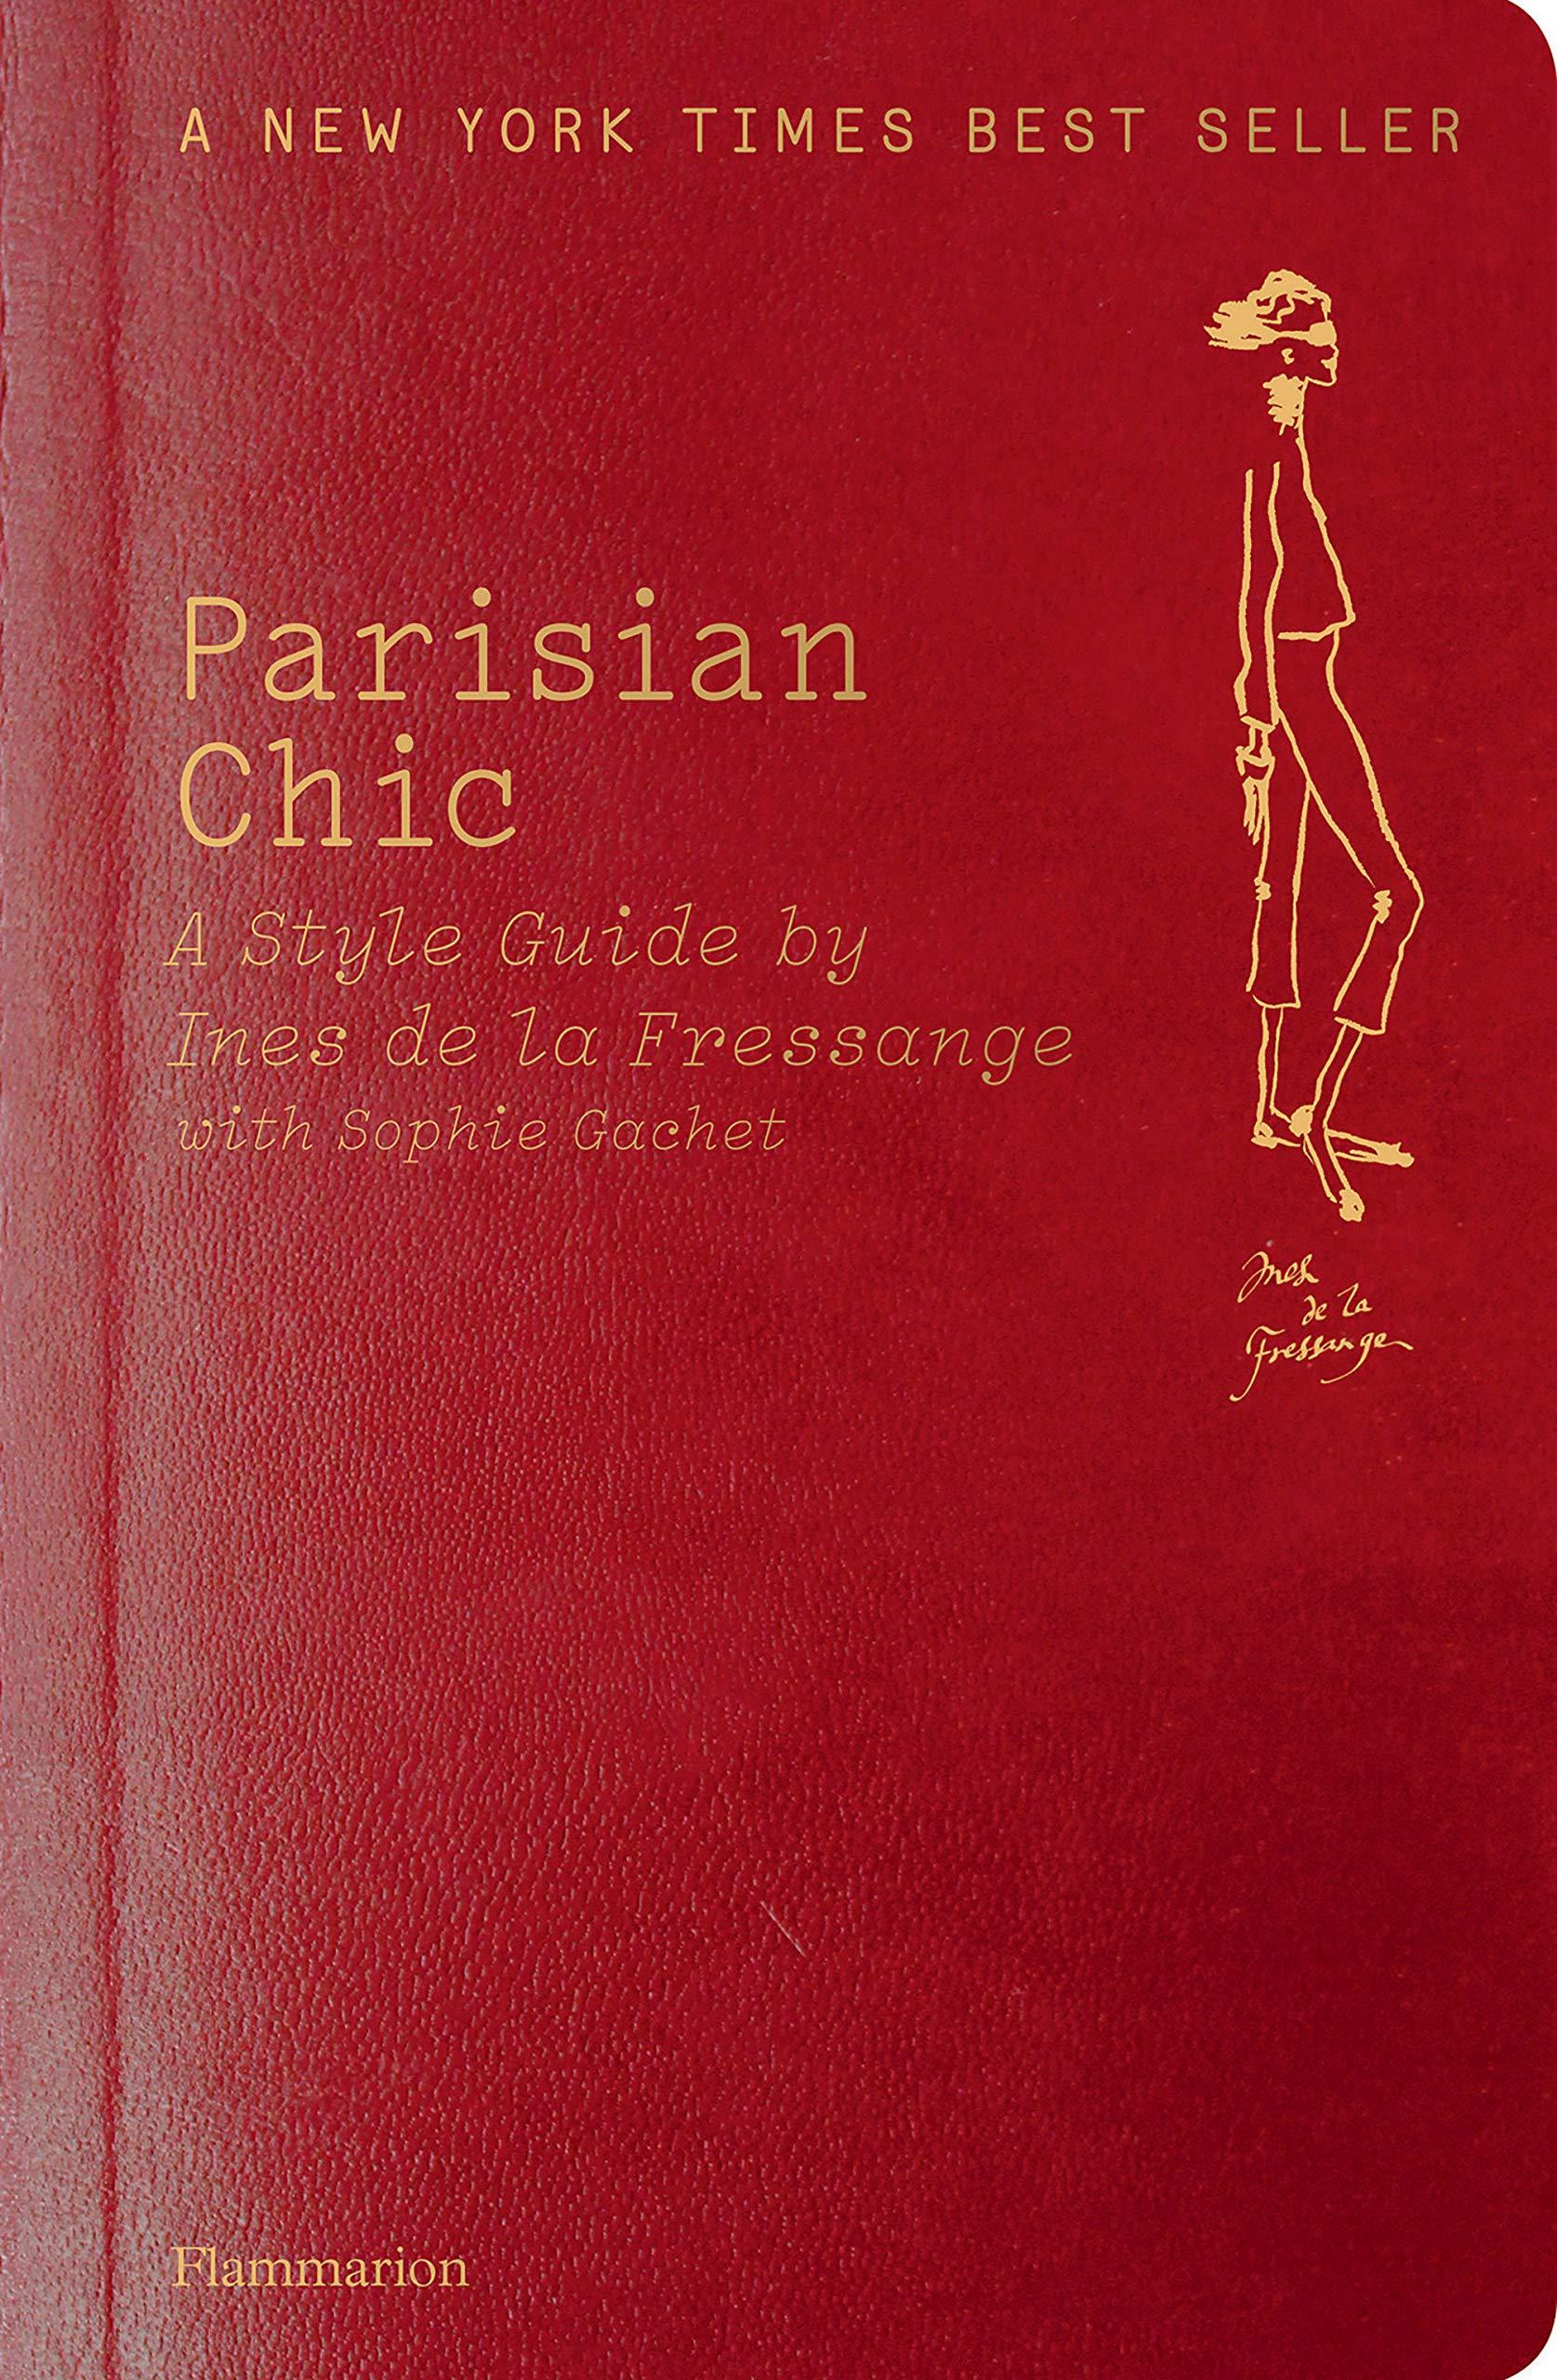 bbbf5140dad Parisian Chic: Ines de la Fressange, Sophie Gachet: 0884482441656 ...